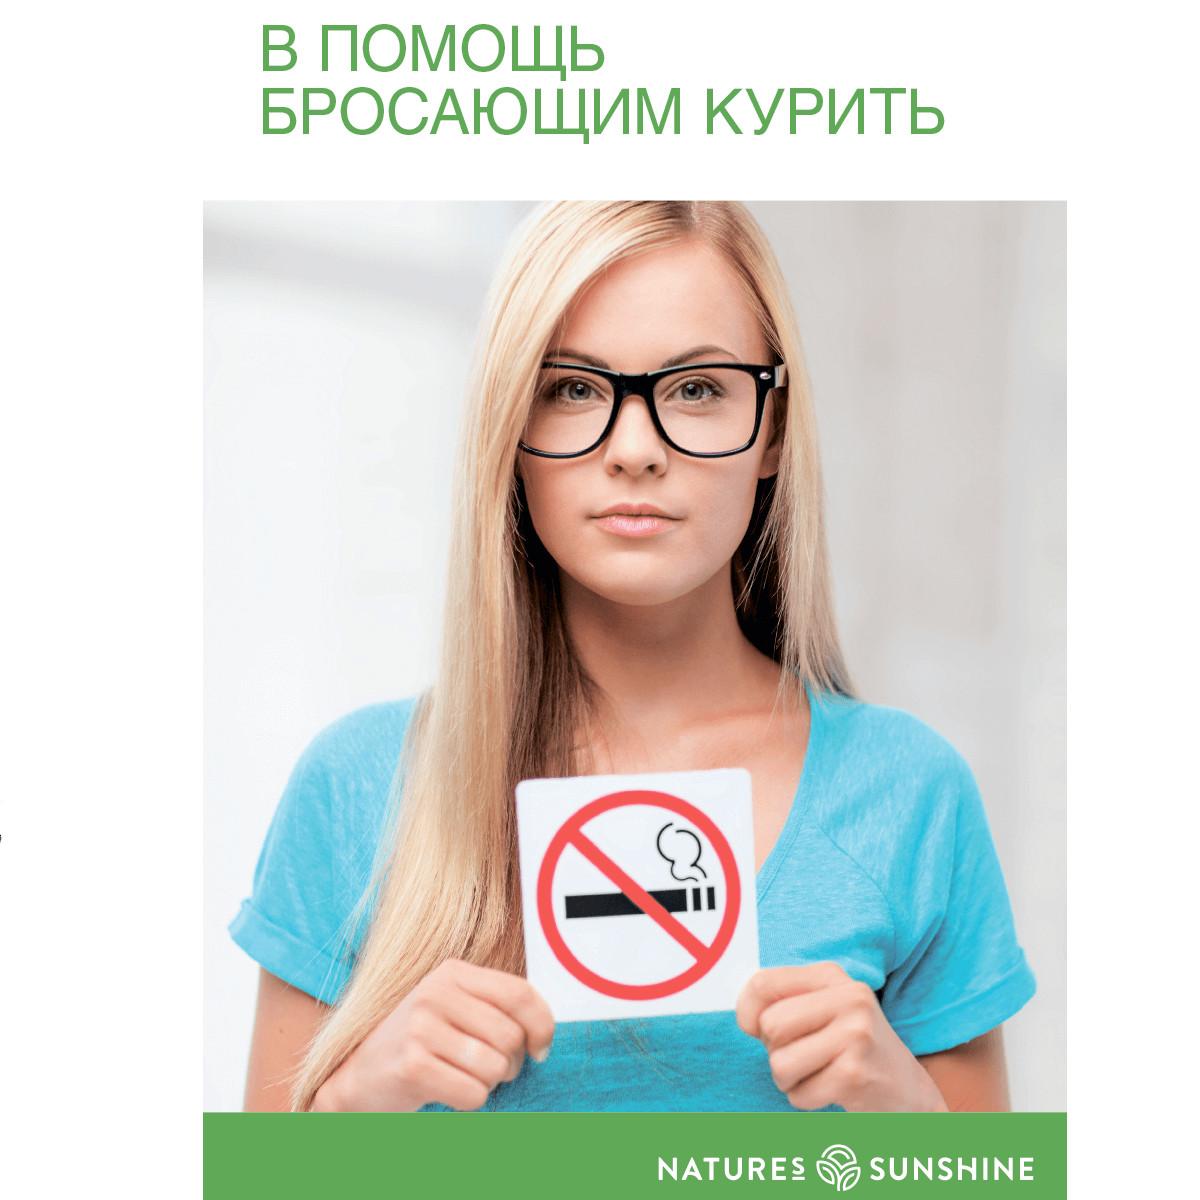 Буклет  «Программа «Бросающим курить»